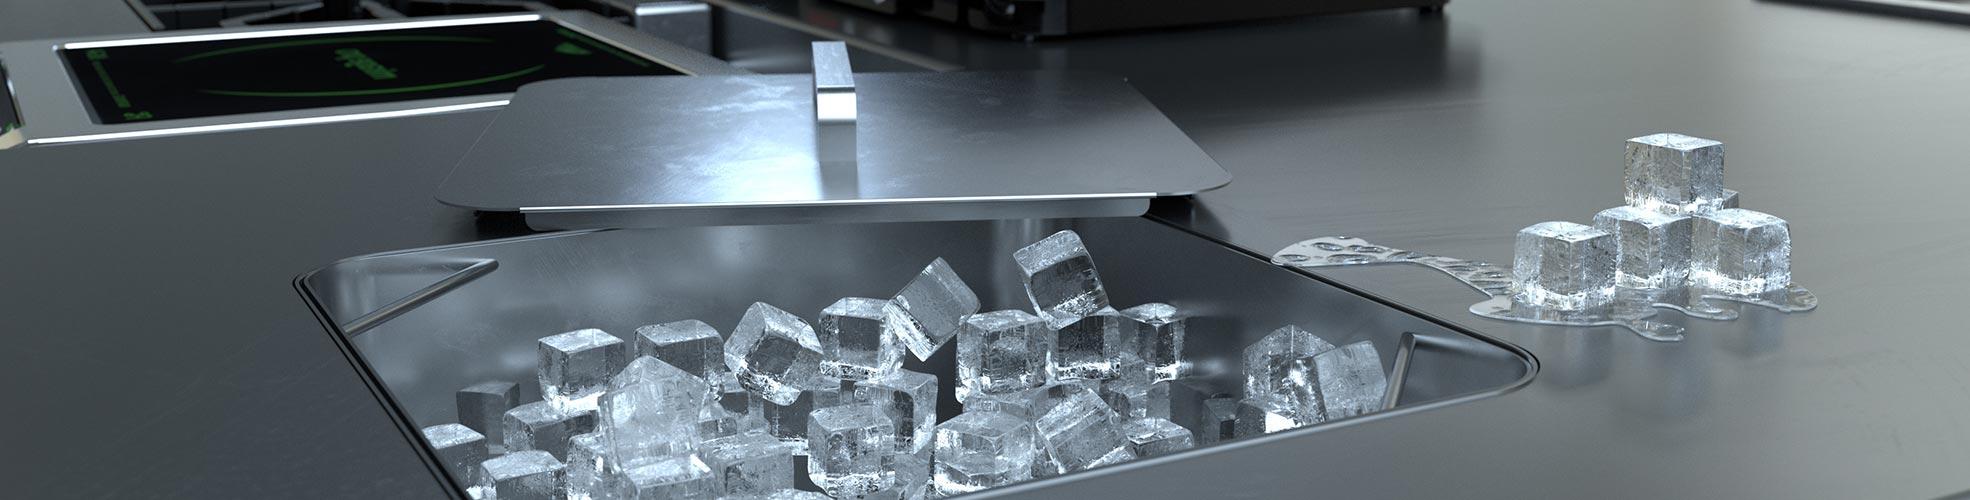 Ice Wells